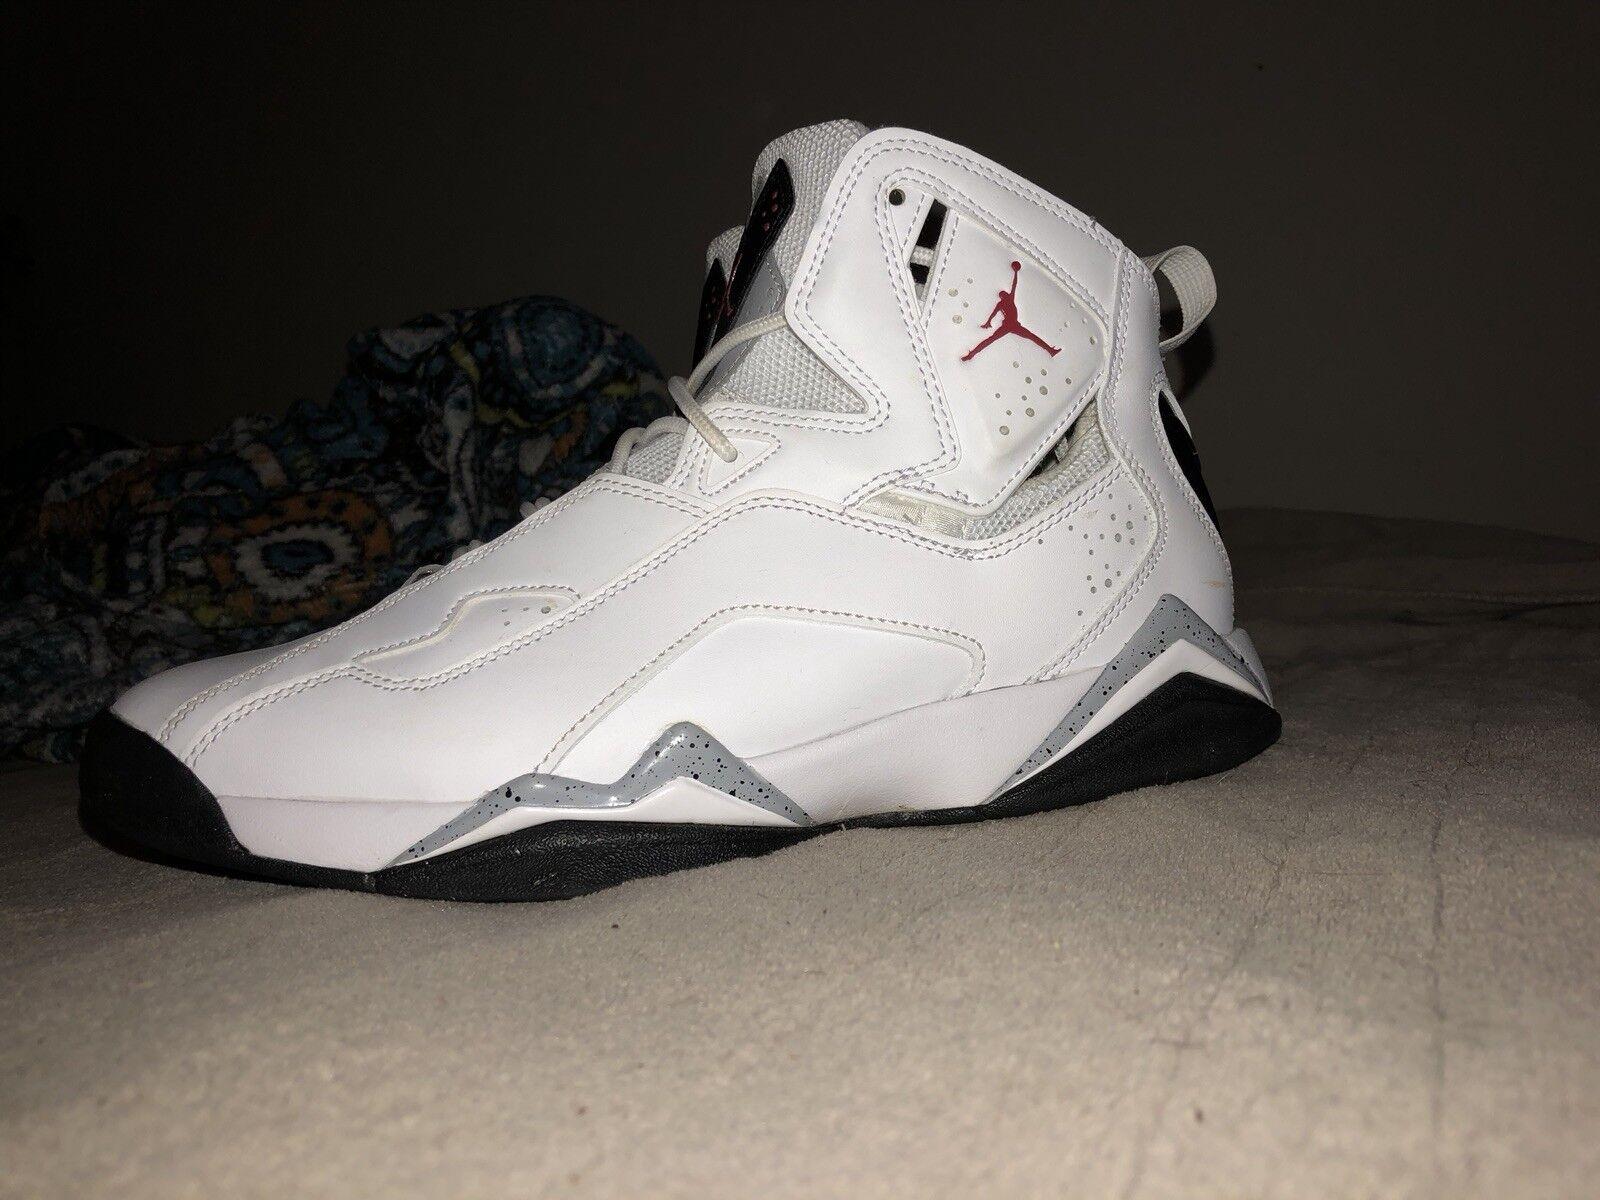 Jordania cierto vuelo Hombre Negro blanco / gimnasio Rojo Negro Hombre Gris lobo 342964-104 modelo mas vendido de la marca de zapatos f70f11